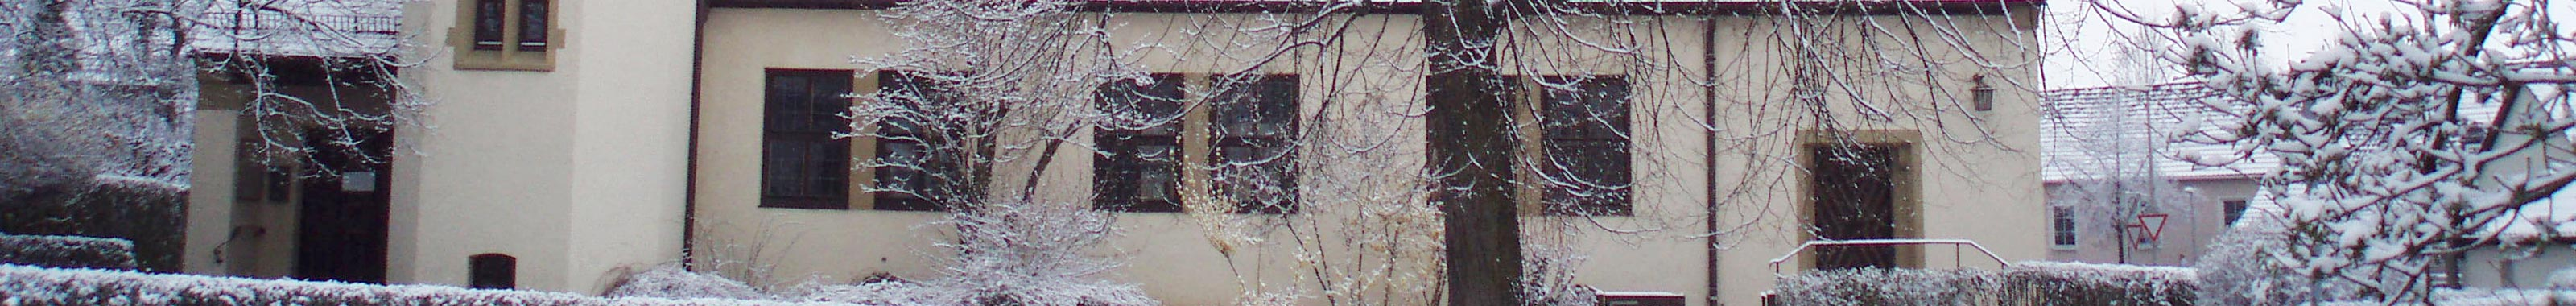 Evang. Oswald-Wolfbusch-Kirchengemeinde